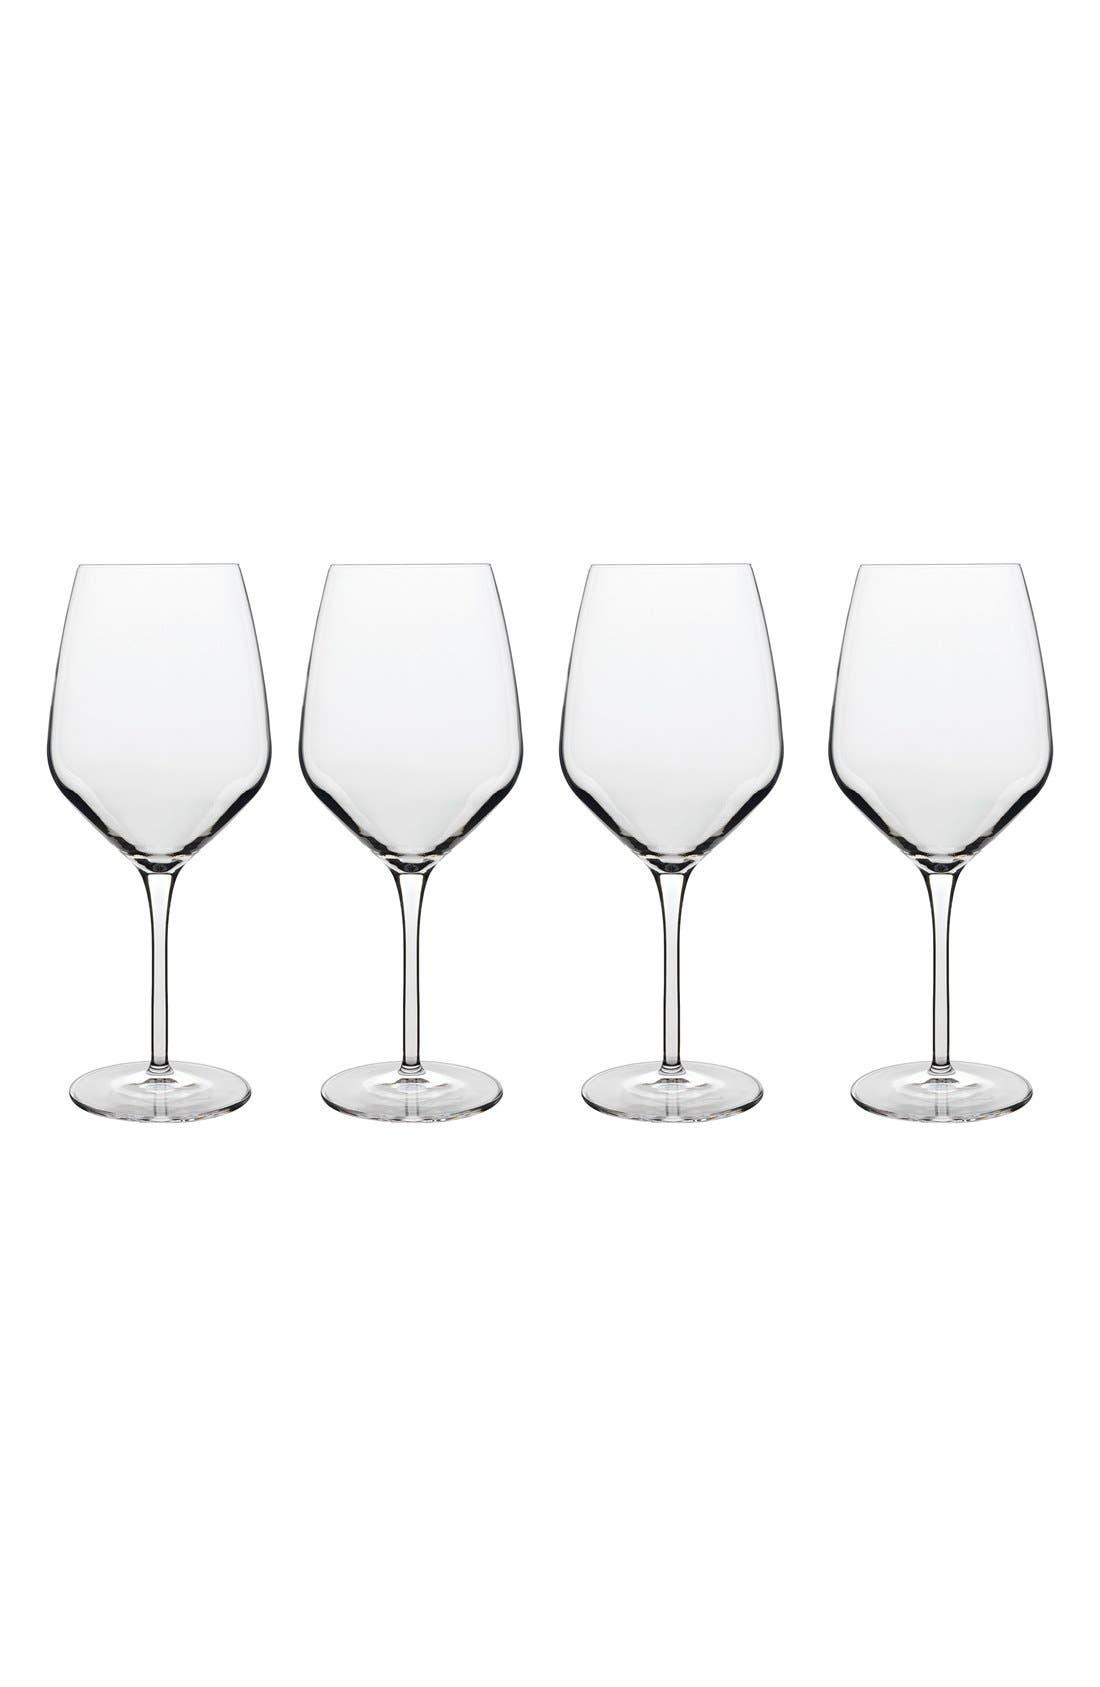 Luigi Bormioli Prestige Set of 4 Wine Glasses